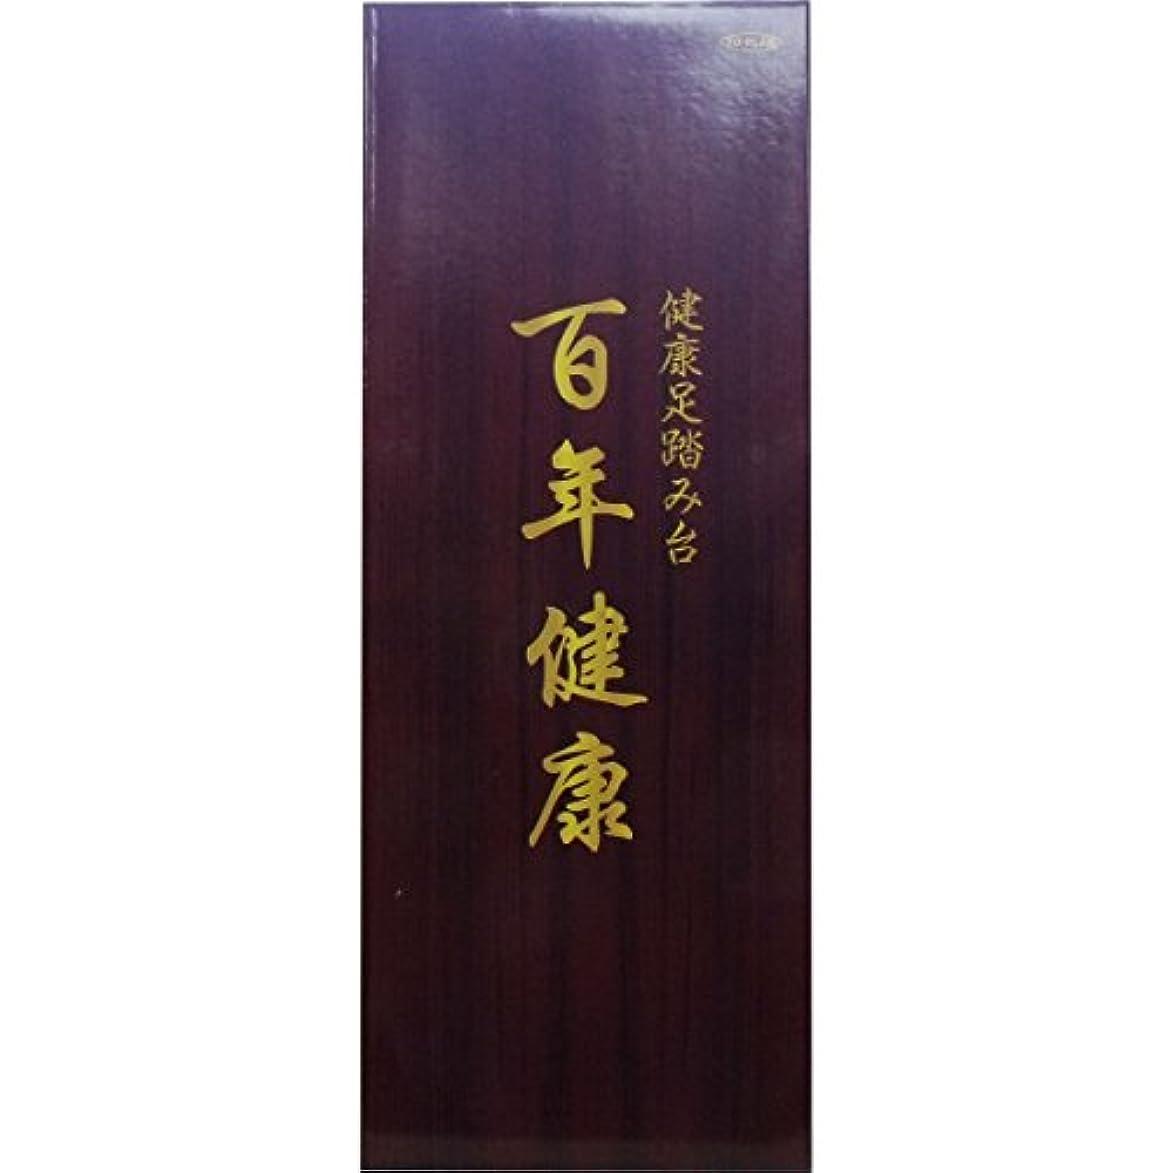 グリーンバックほめるピンク【お徳用 2 セット】 健康足踏み台 百年健康×2セット